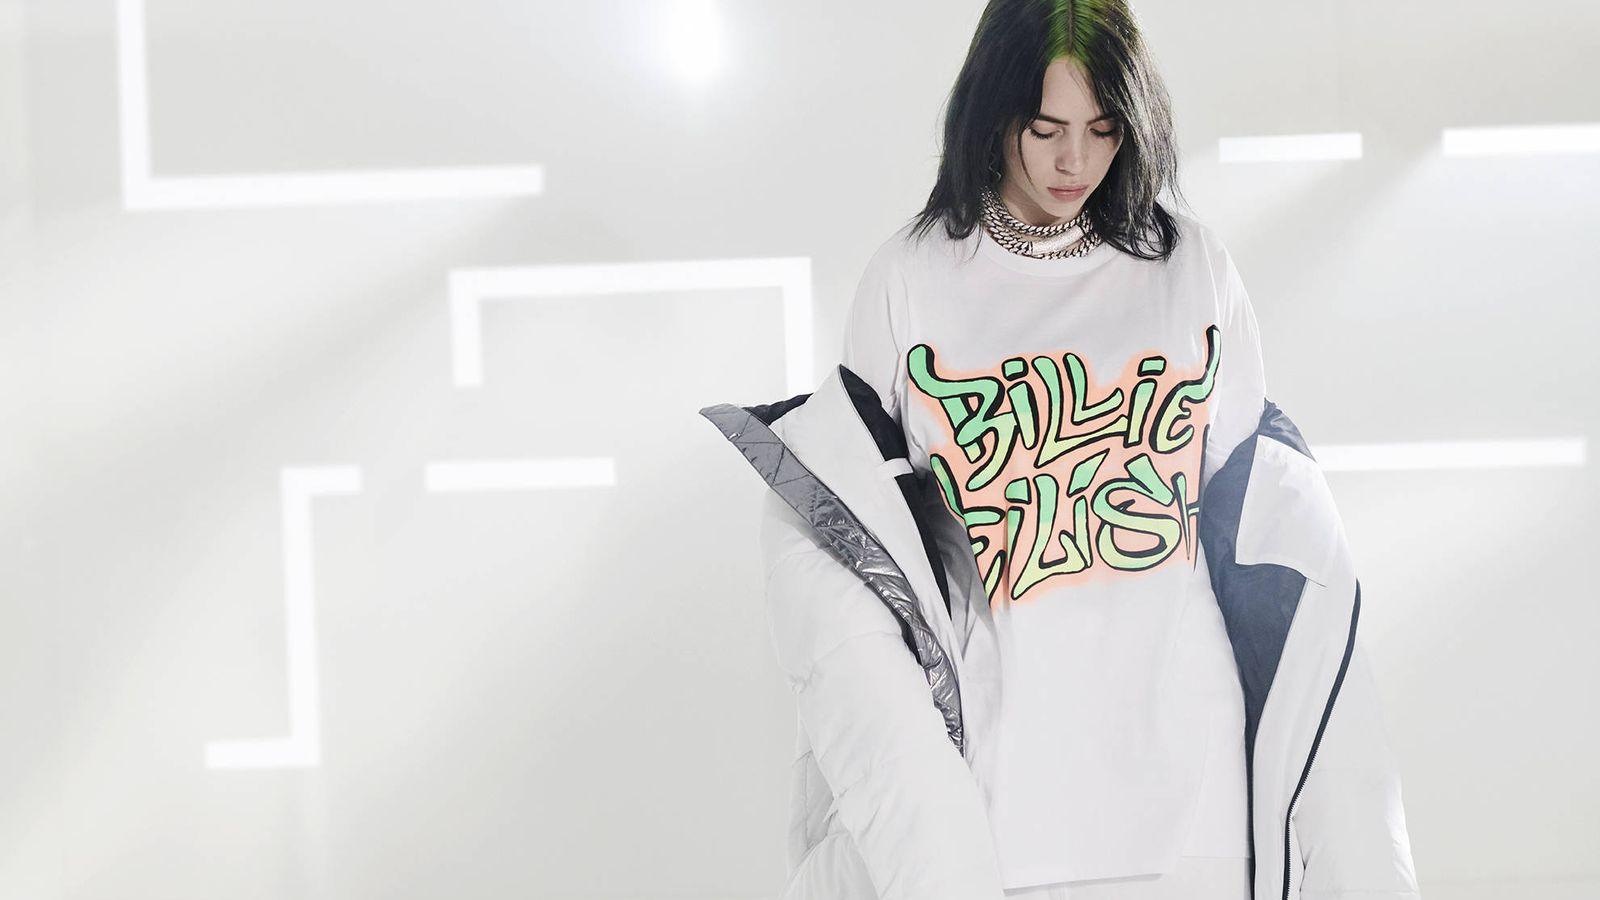 Foto: Imagen promocional de la colección de Billie Eilish para Bershka. (Cortesía)